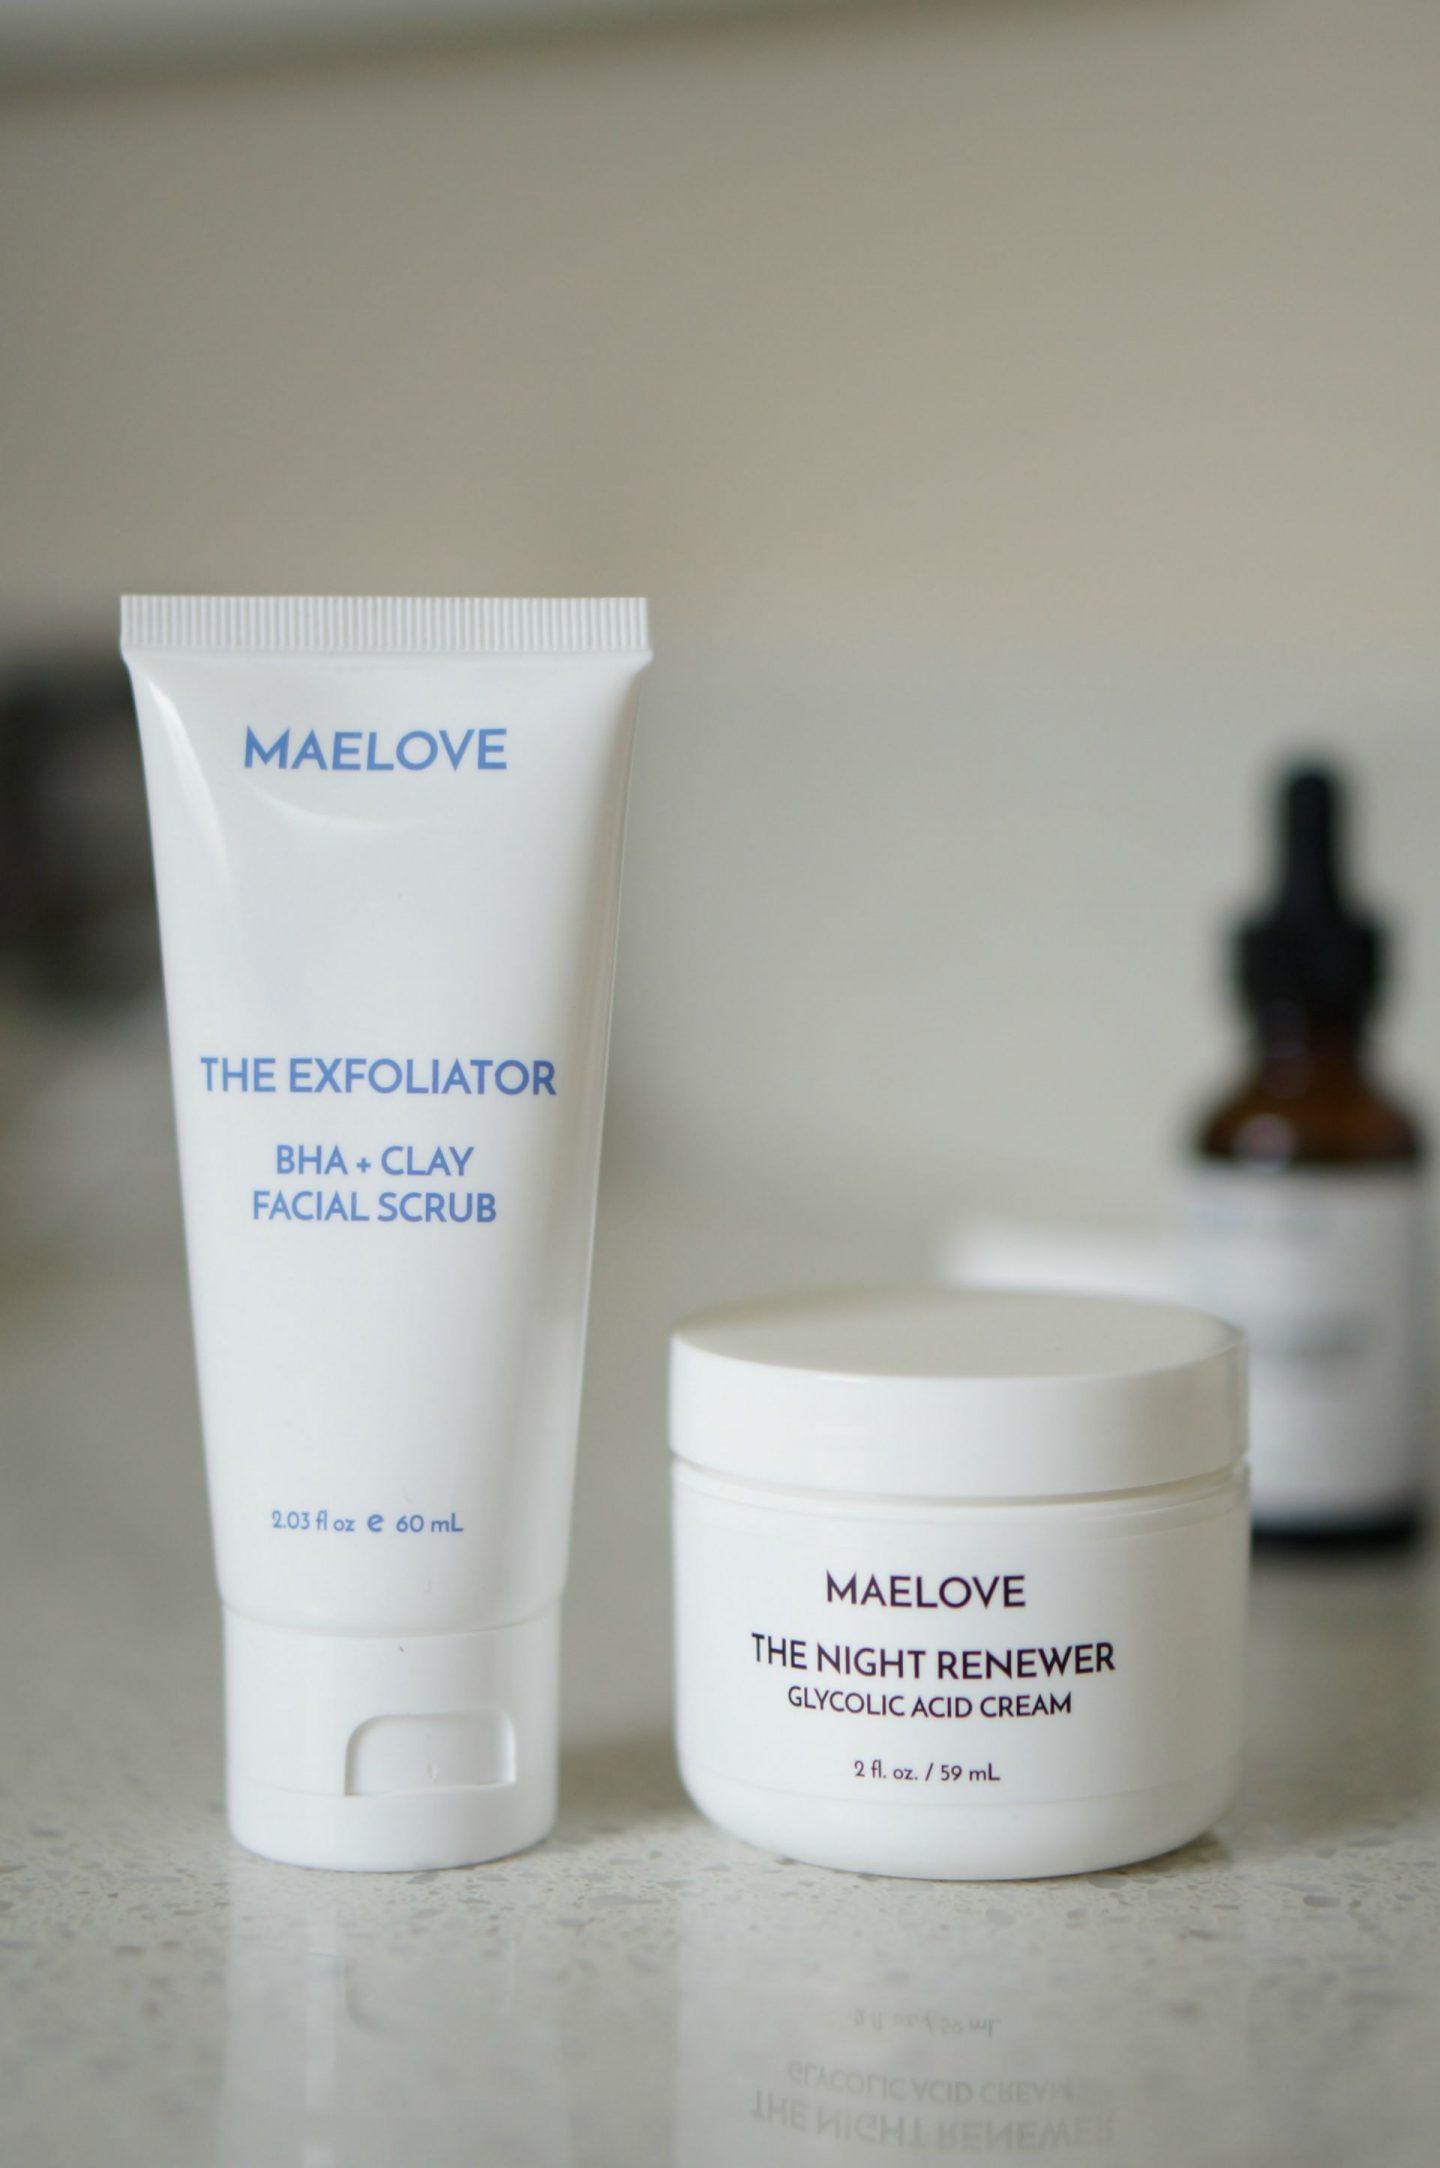 Maelove Skincare